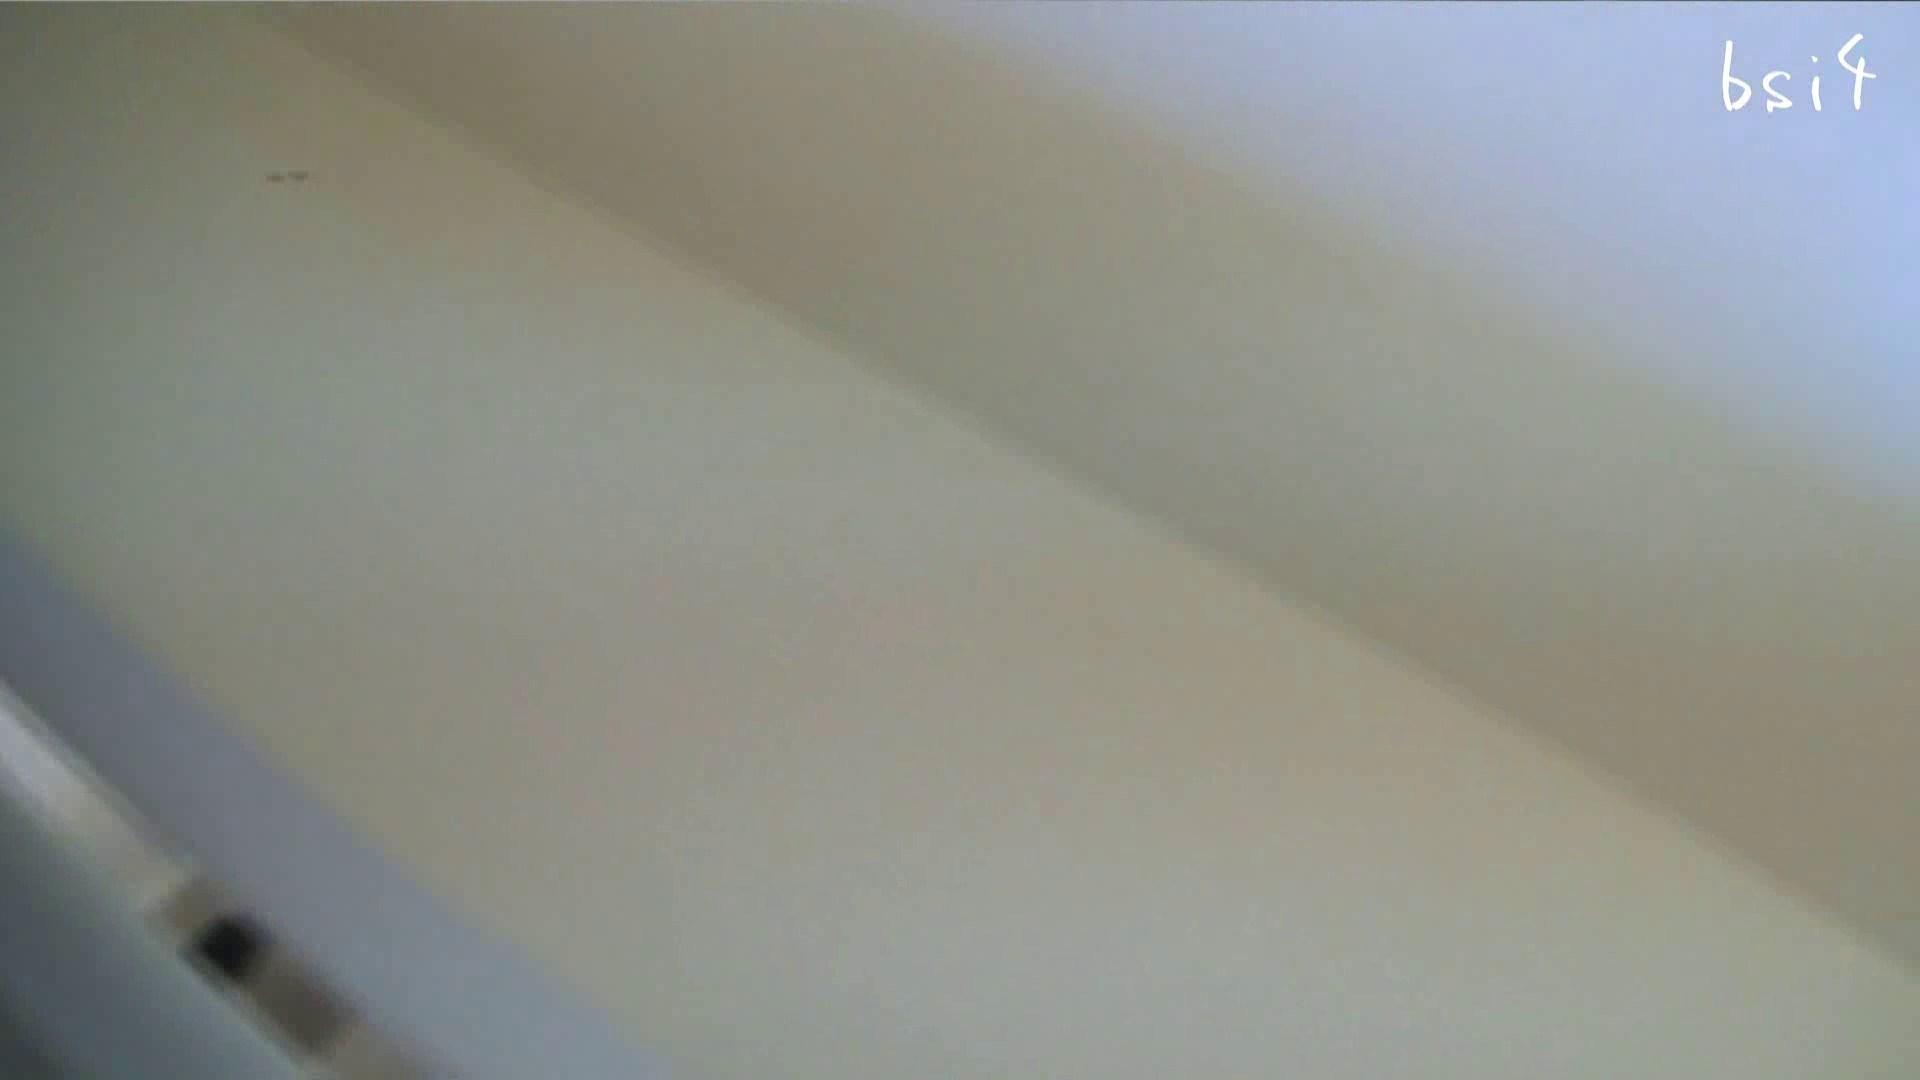 ナースのお小水 vol.004 ナース | OLヌード天国  99PIX 1